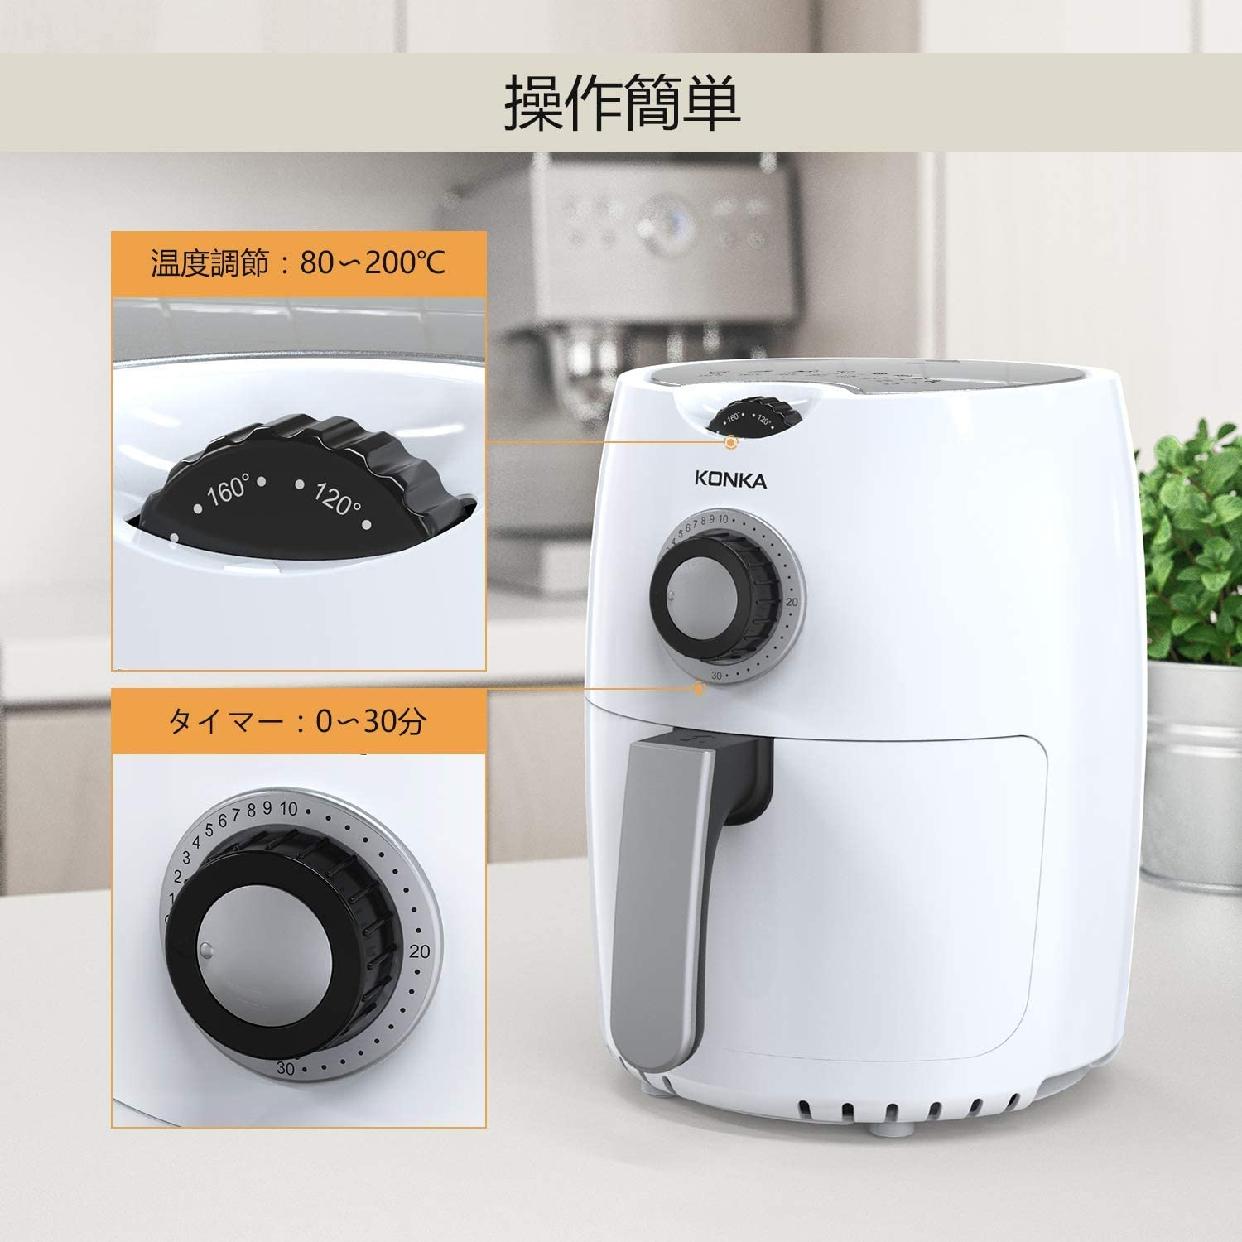 KONKA(コンカ)電気フライヤー 2.2L ホワイトの商品画像6